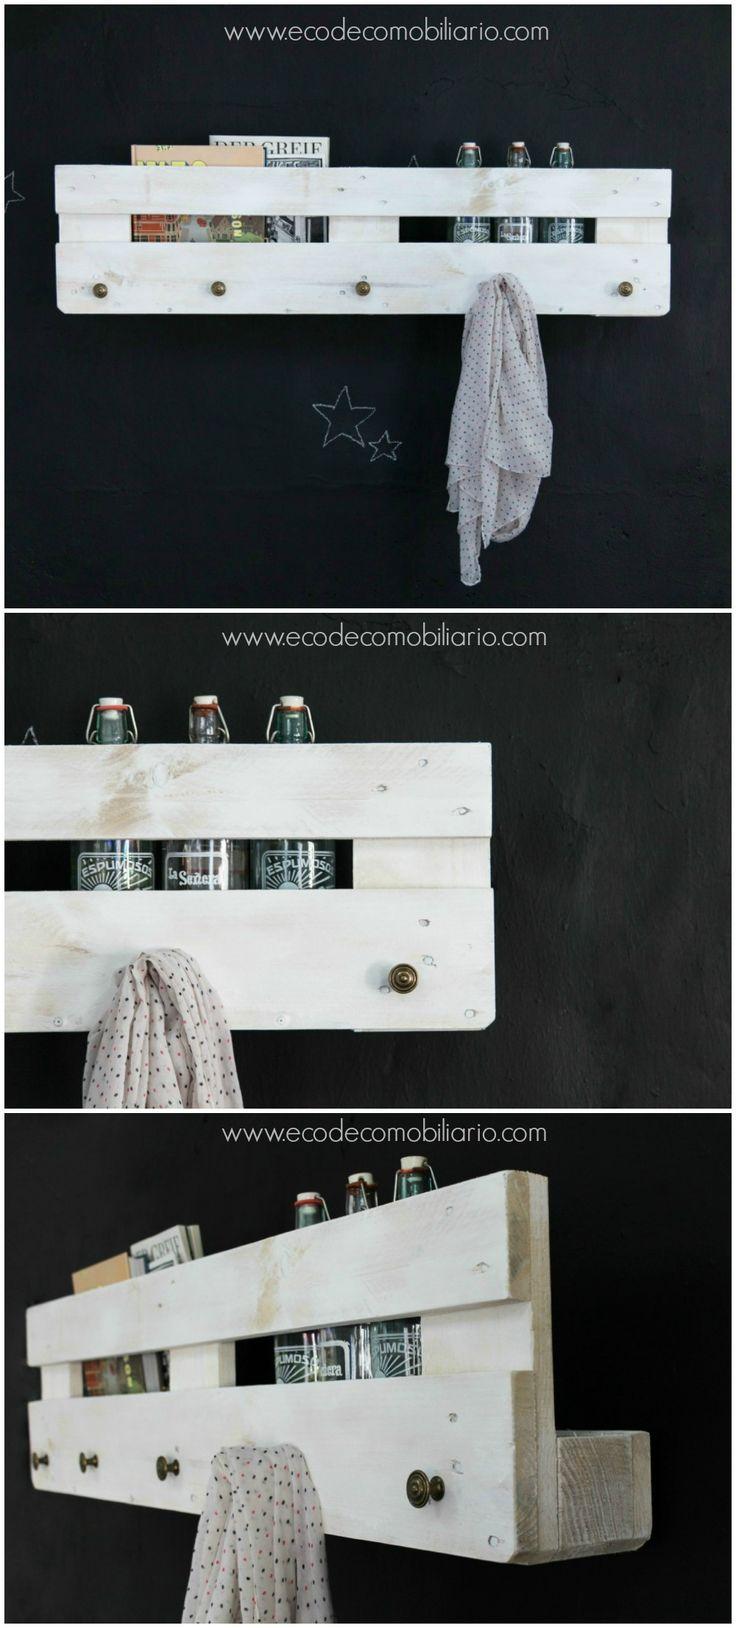 Perchero de palets Veleta 120cm. Disponible en www.ecodecomobiliario.com